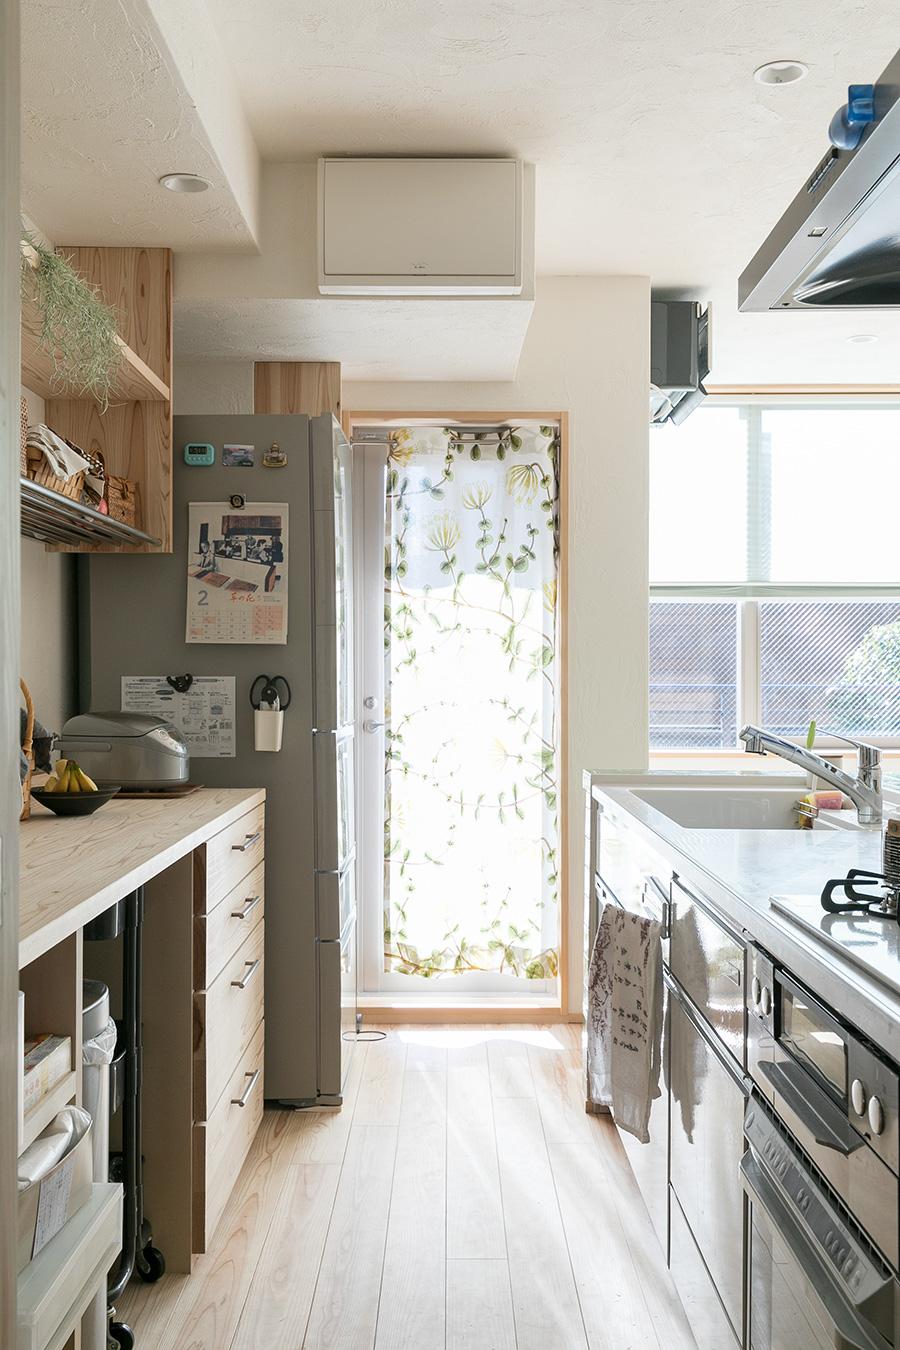 キッチンの造り付けの棚にも一部無垢材が使われ、統一感あるナチュラルな雰囲気に。